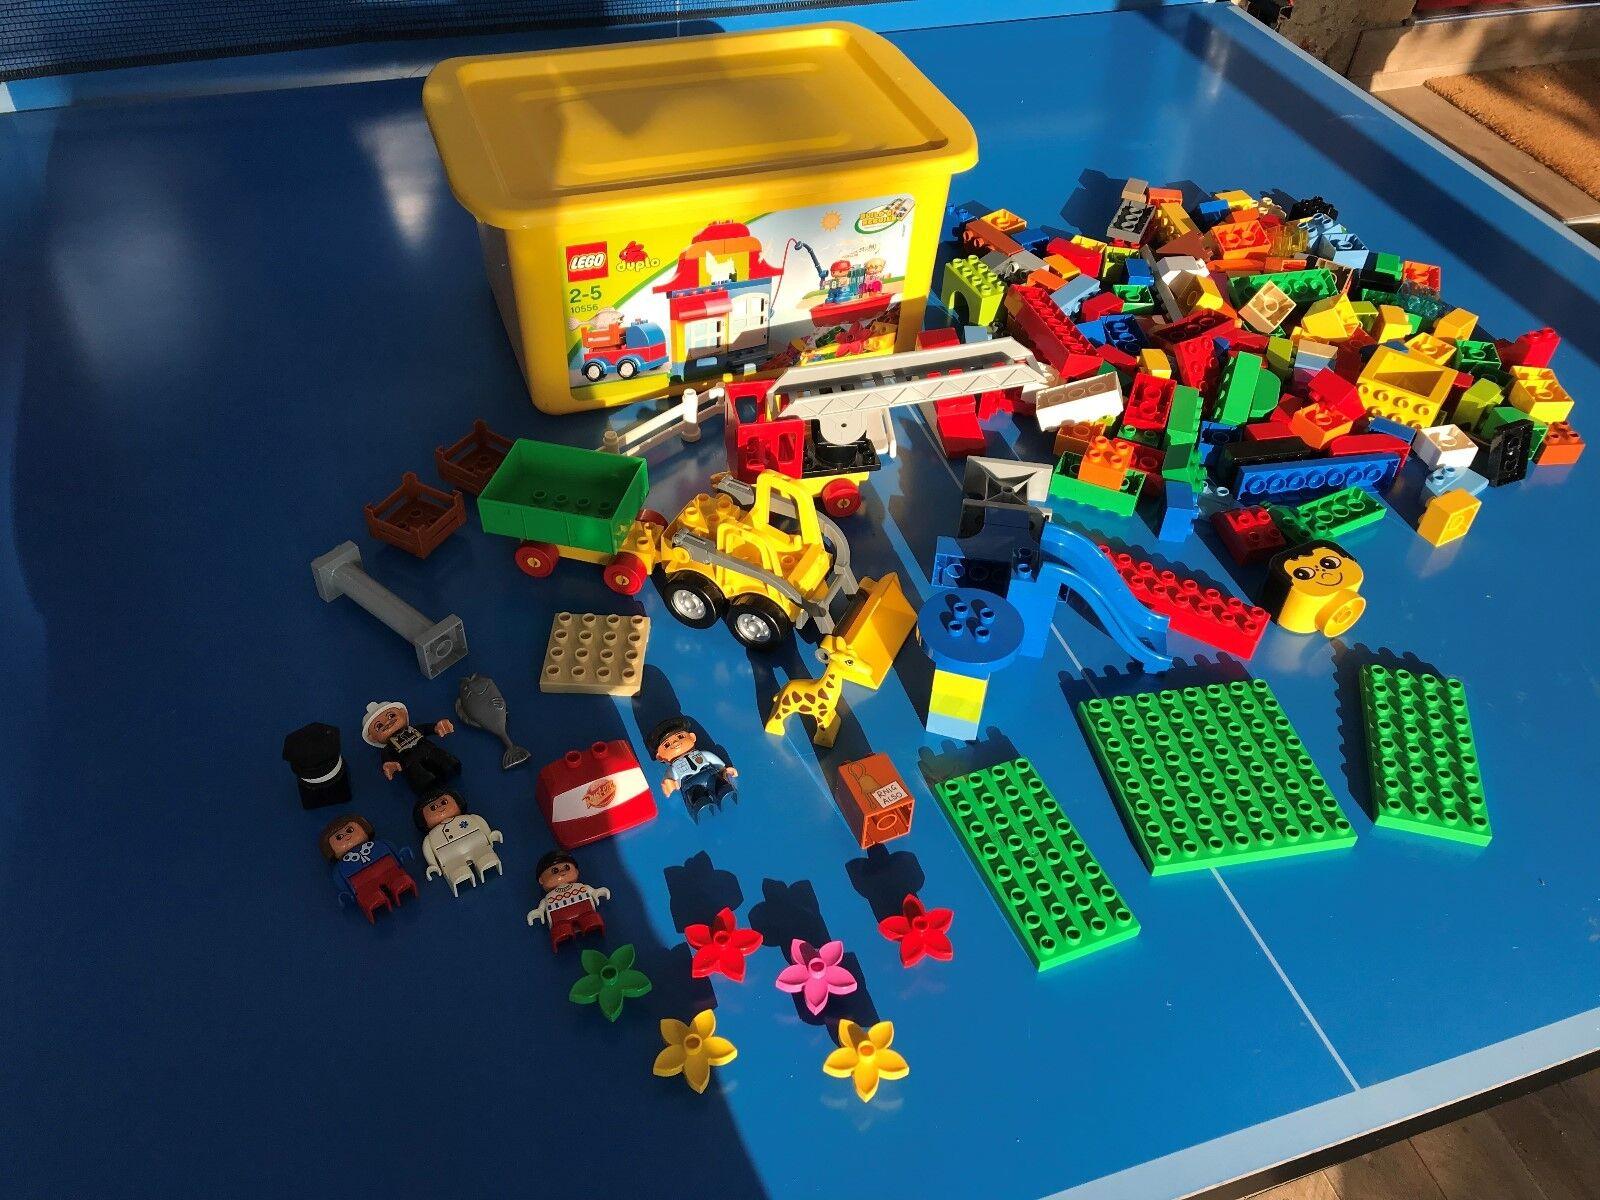 Großes Set Lego Duplo Personn Lkw Grus Bauernhof Zoo Haus Bausteine + 2,0 kg -